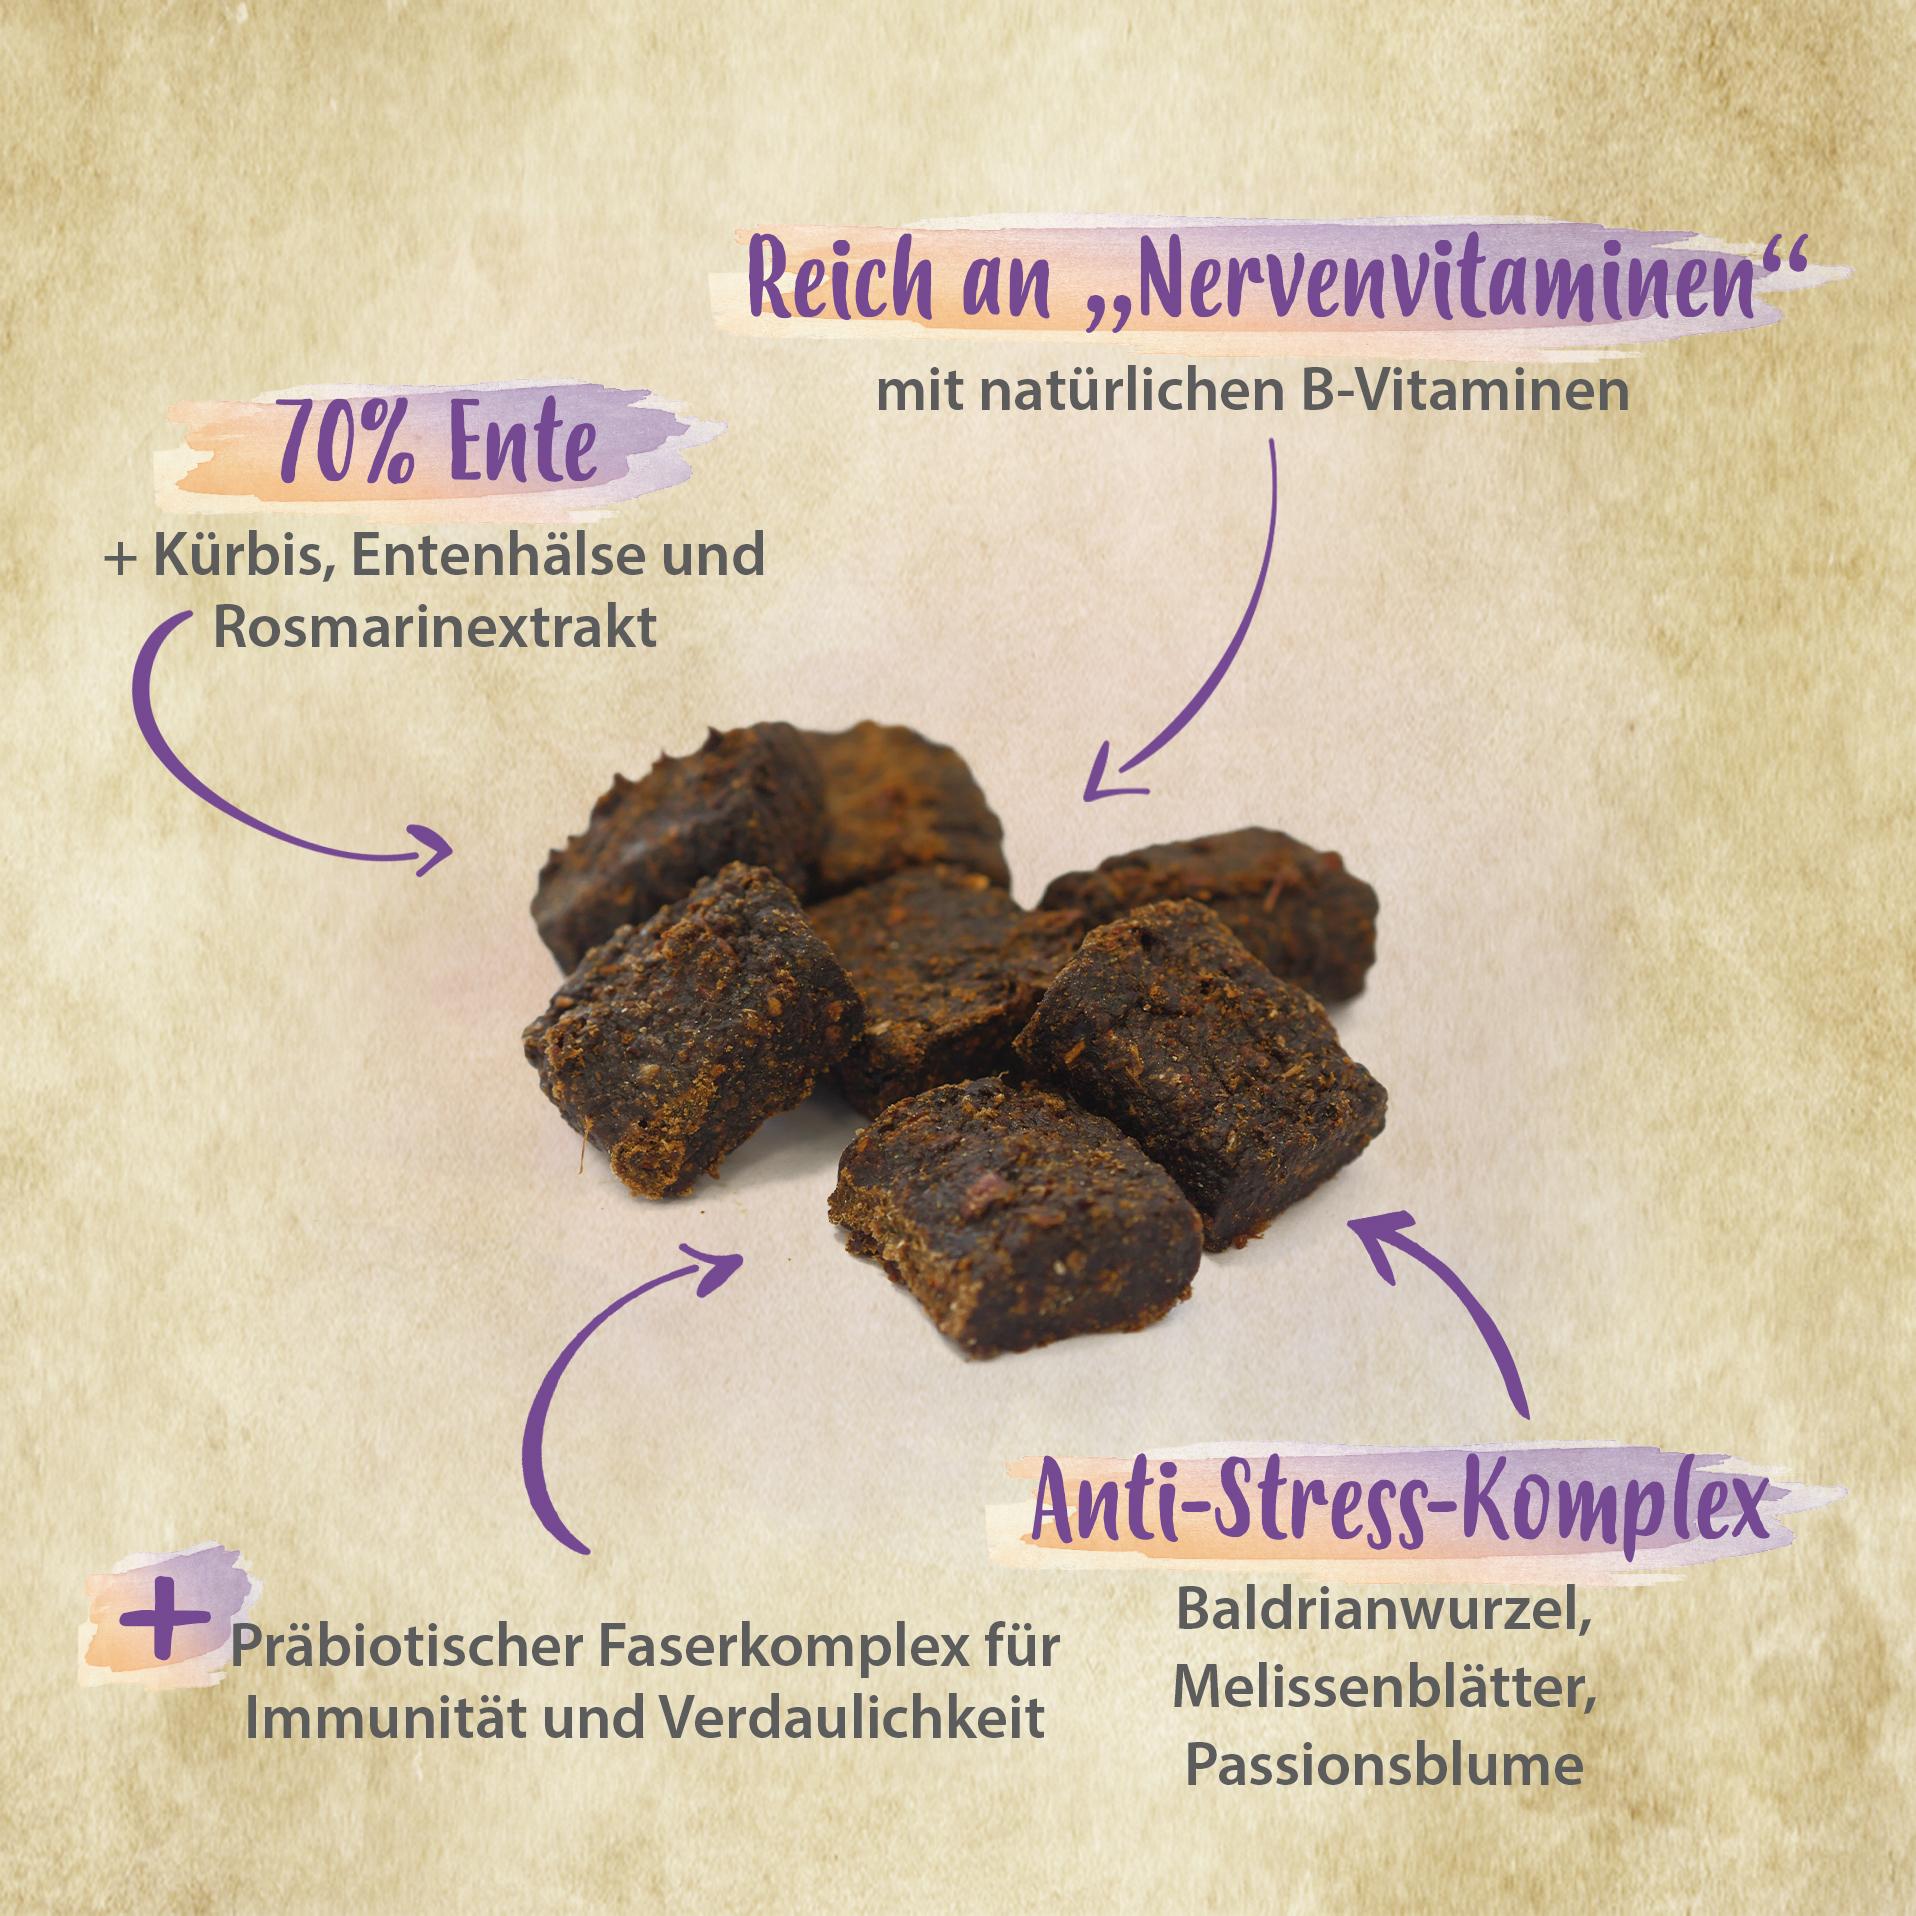 Softie - natürliches Beruhigungsmittel gegen Stress mit Baldrian & Melisse - 200 g